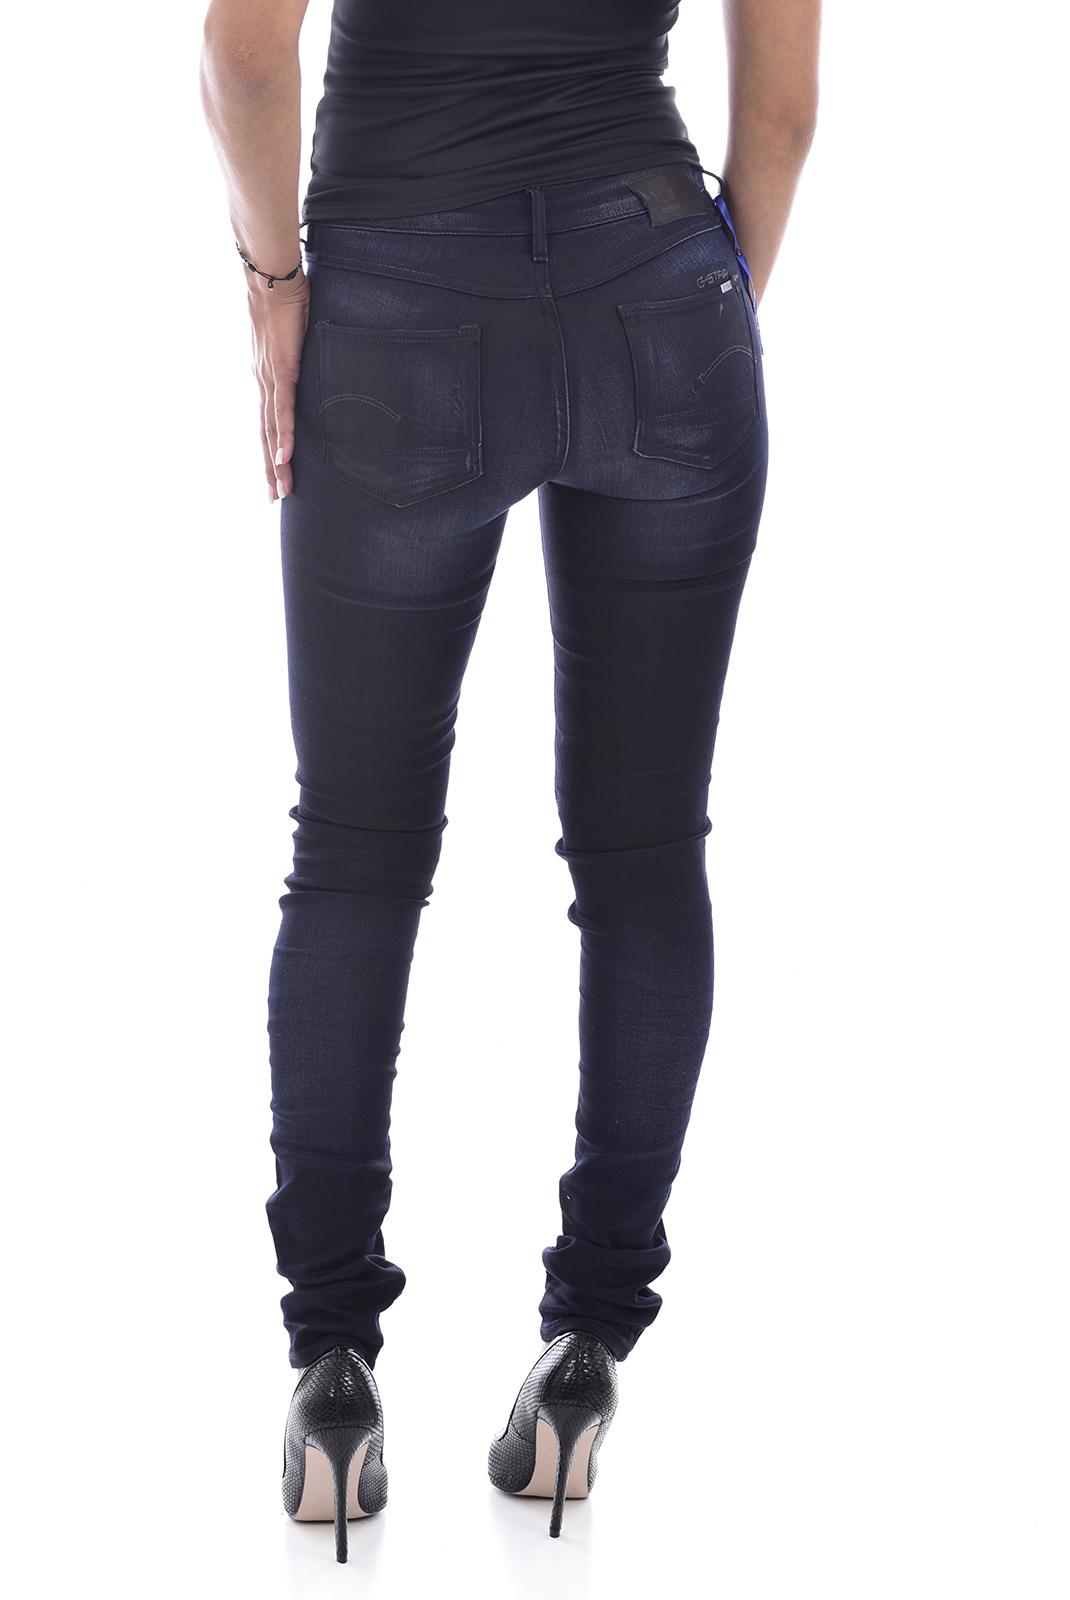 Jeans   G-star 60654.5245.89 BLEU